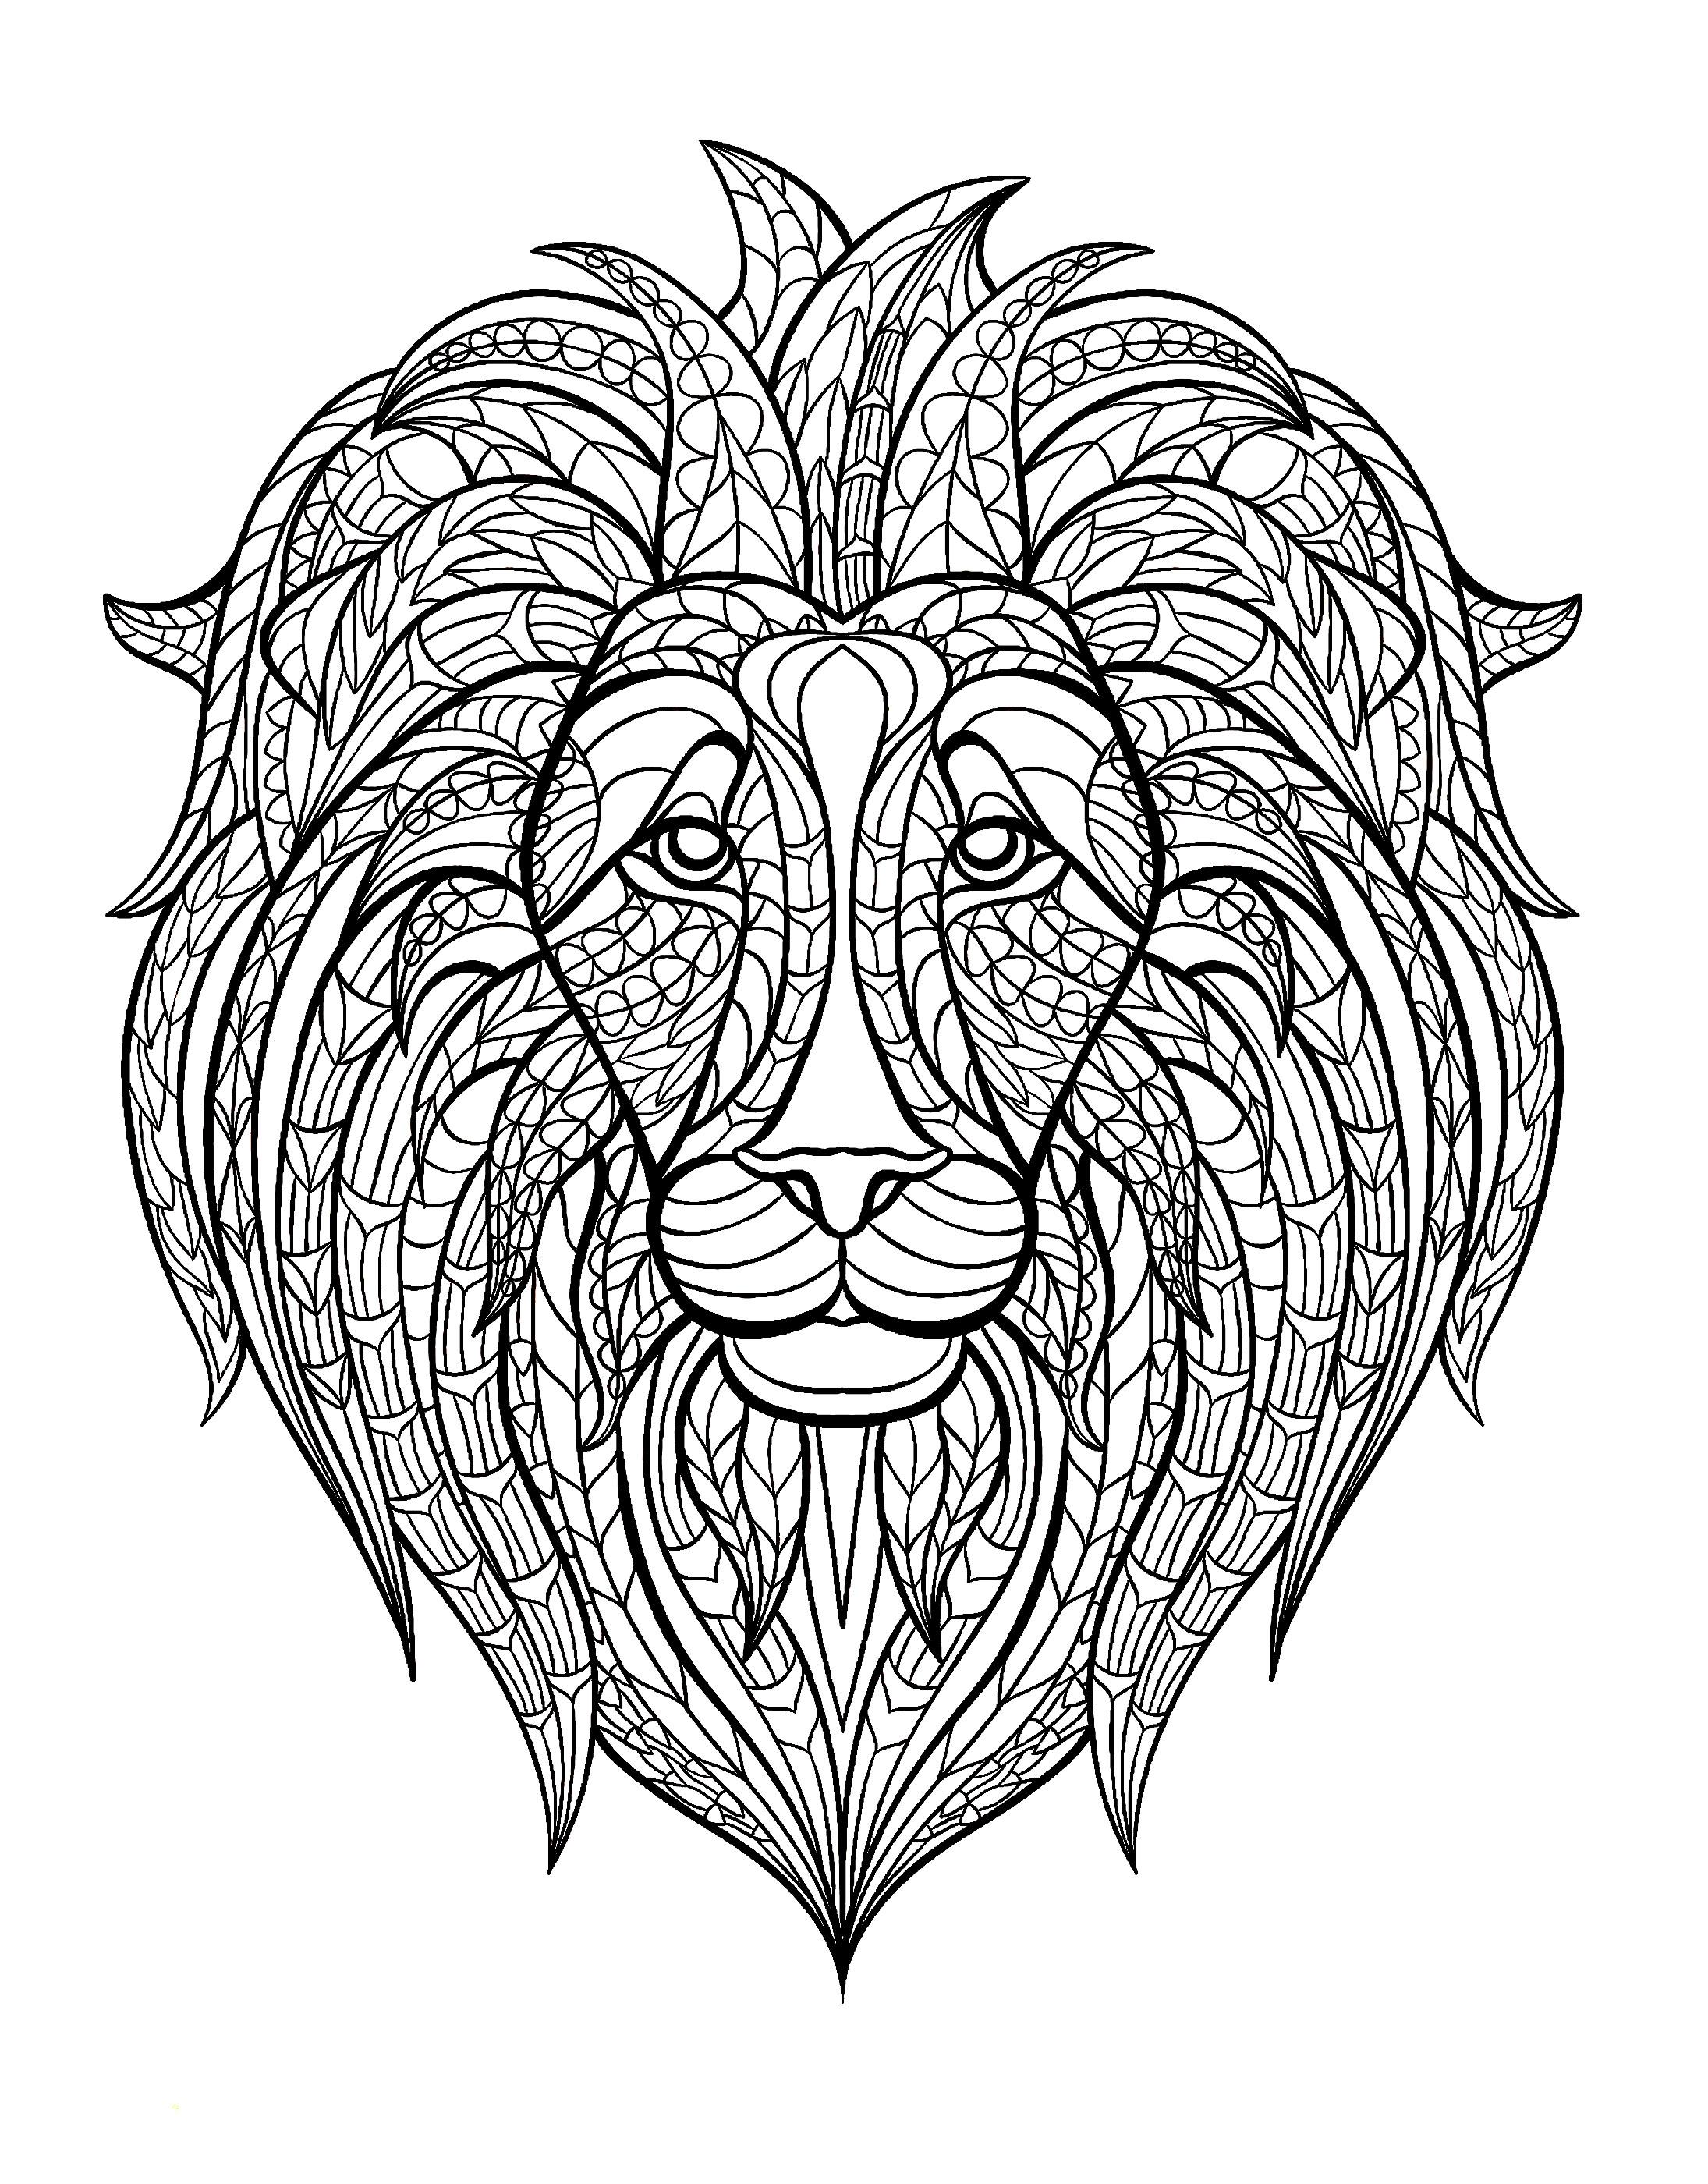 Afrique tete lionA partir de la galerie : Afrique